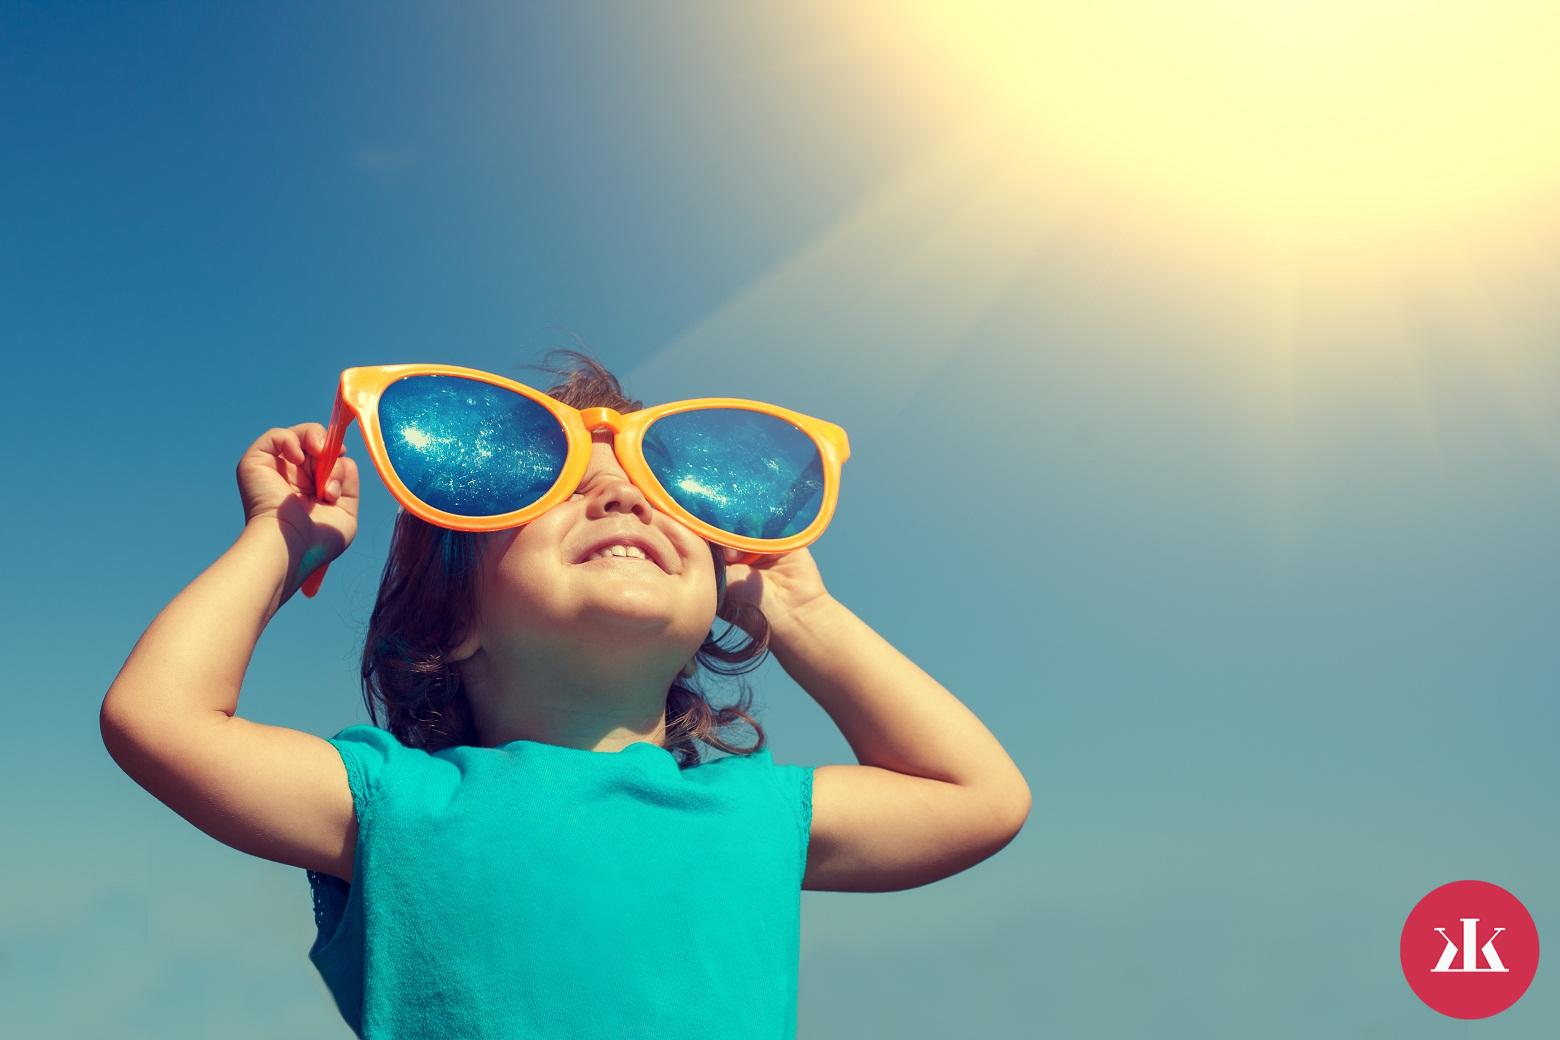 ecdb6971b Ohrozenie zdravia detí v letných horúčavách - pozor mamičky, toto ...